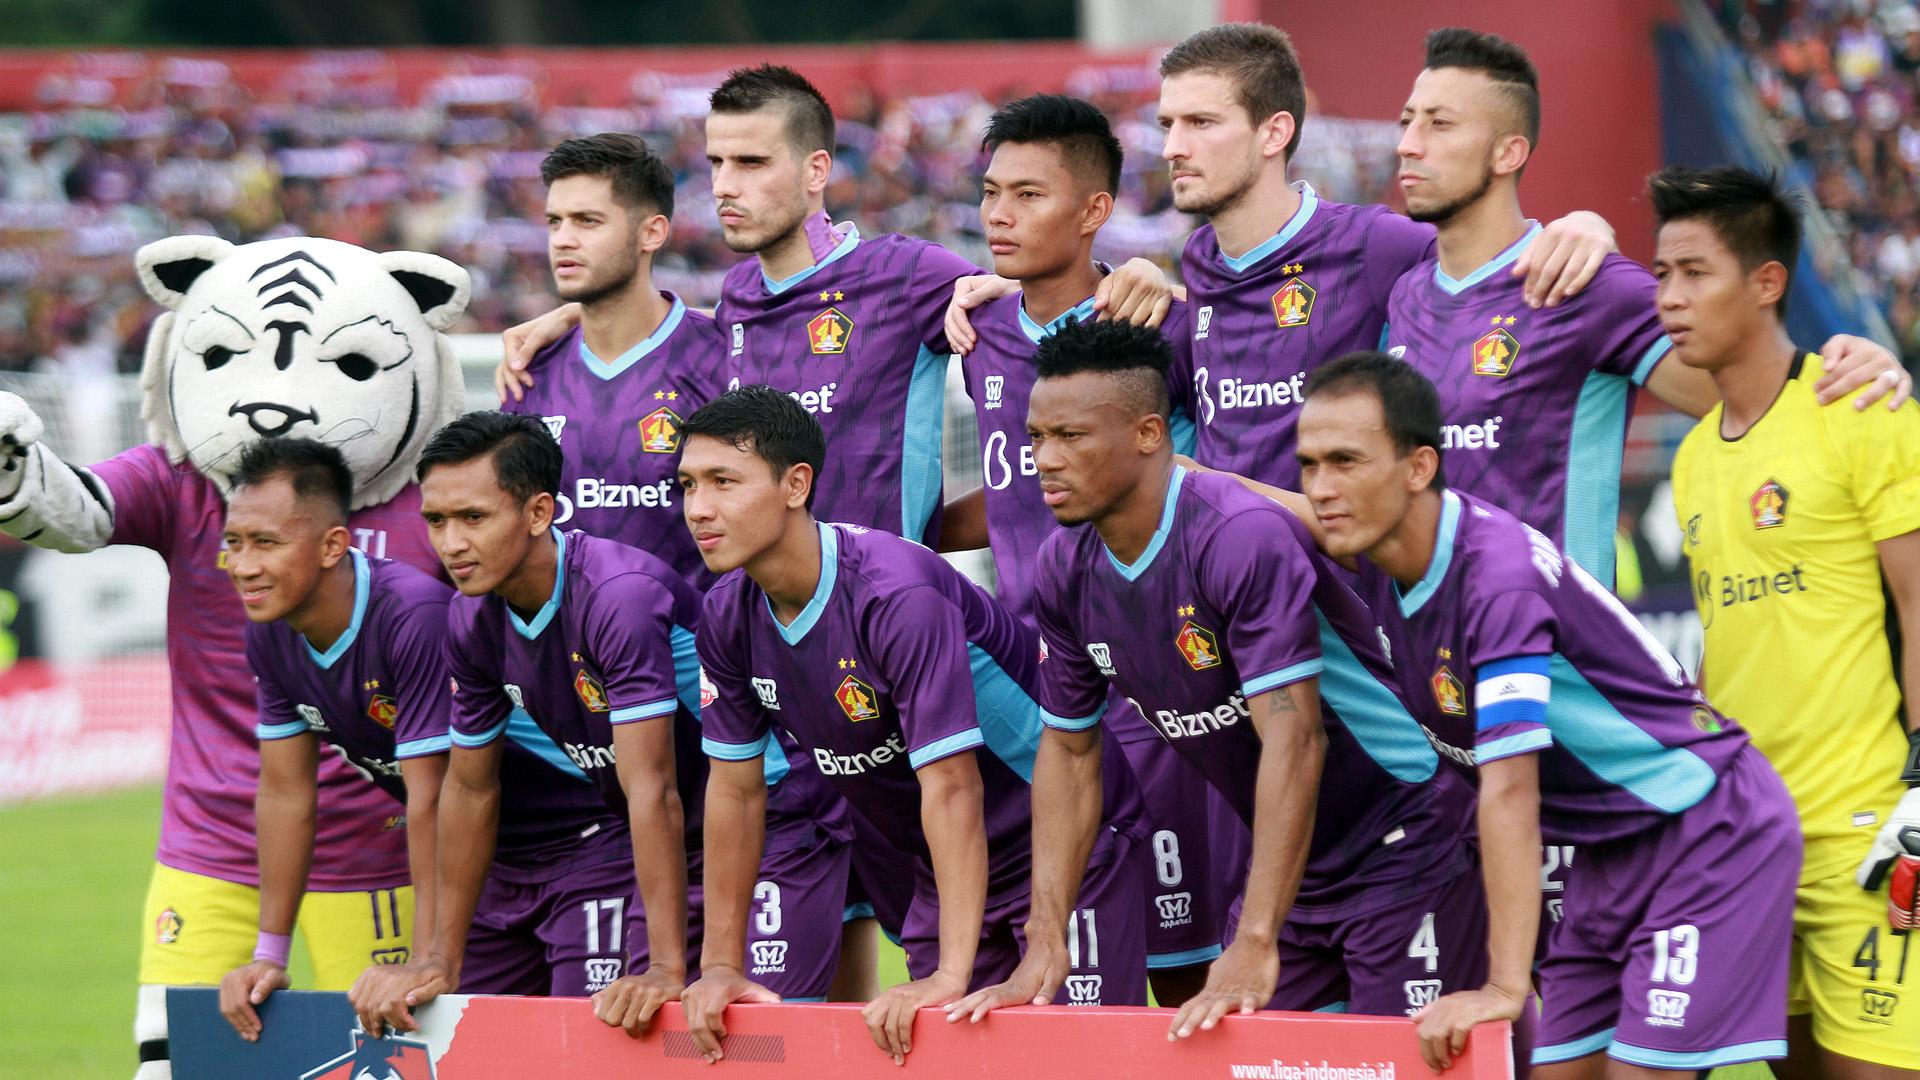 Persik Kediri Jadi Laga Pembuka Liga 1, Lawannya Bali United!